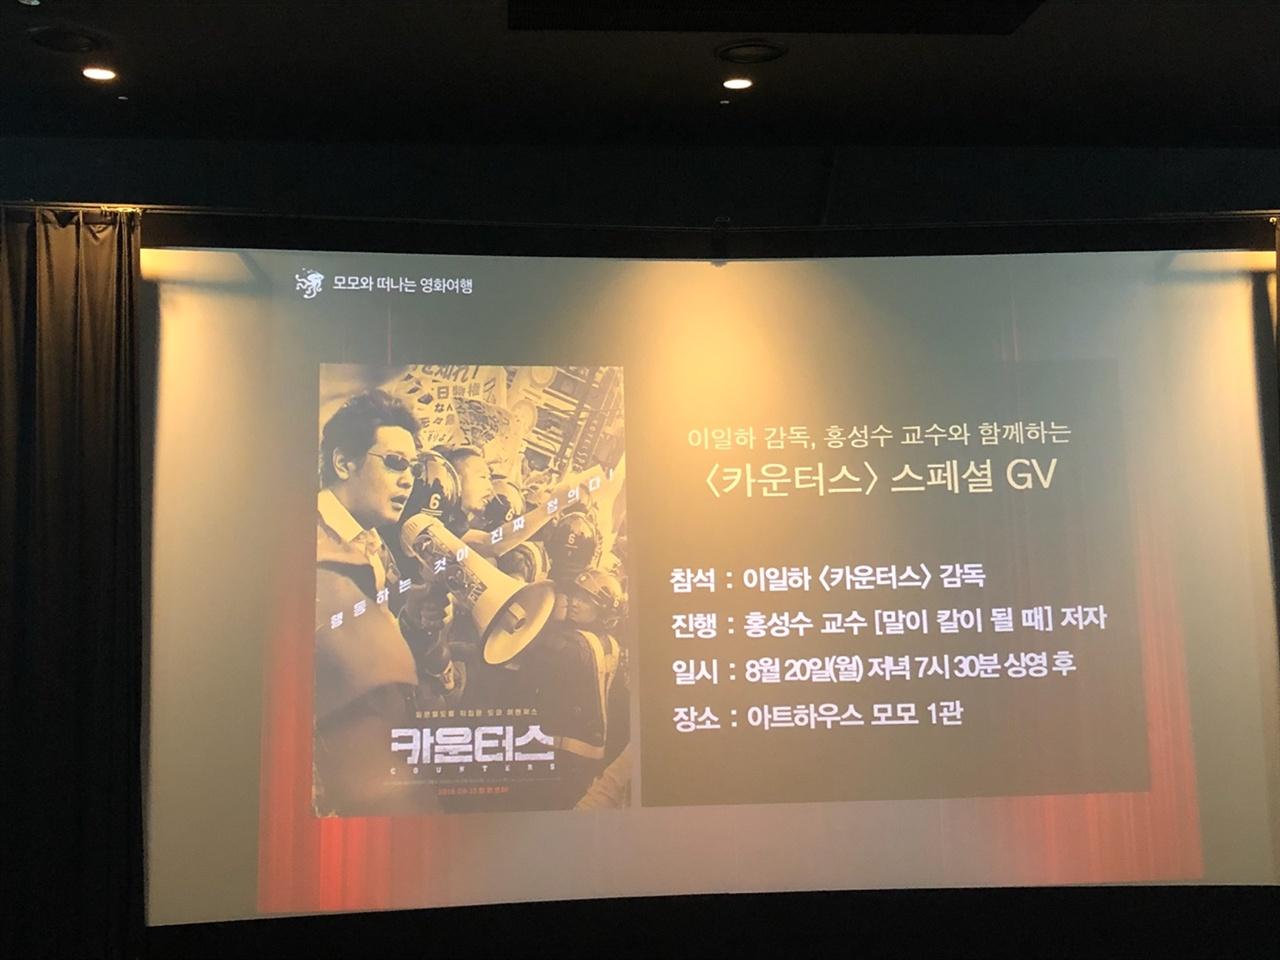 이일하 감독, 홍성수 교수와 함께하는 <카운터스> 스페셜 GV